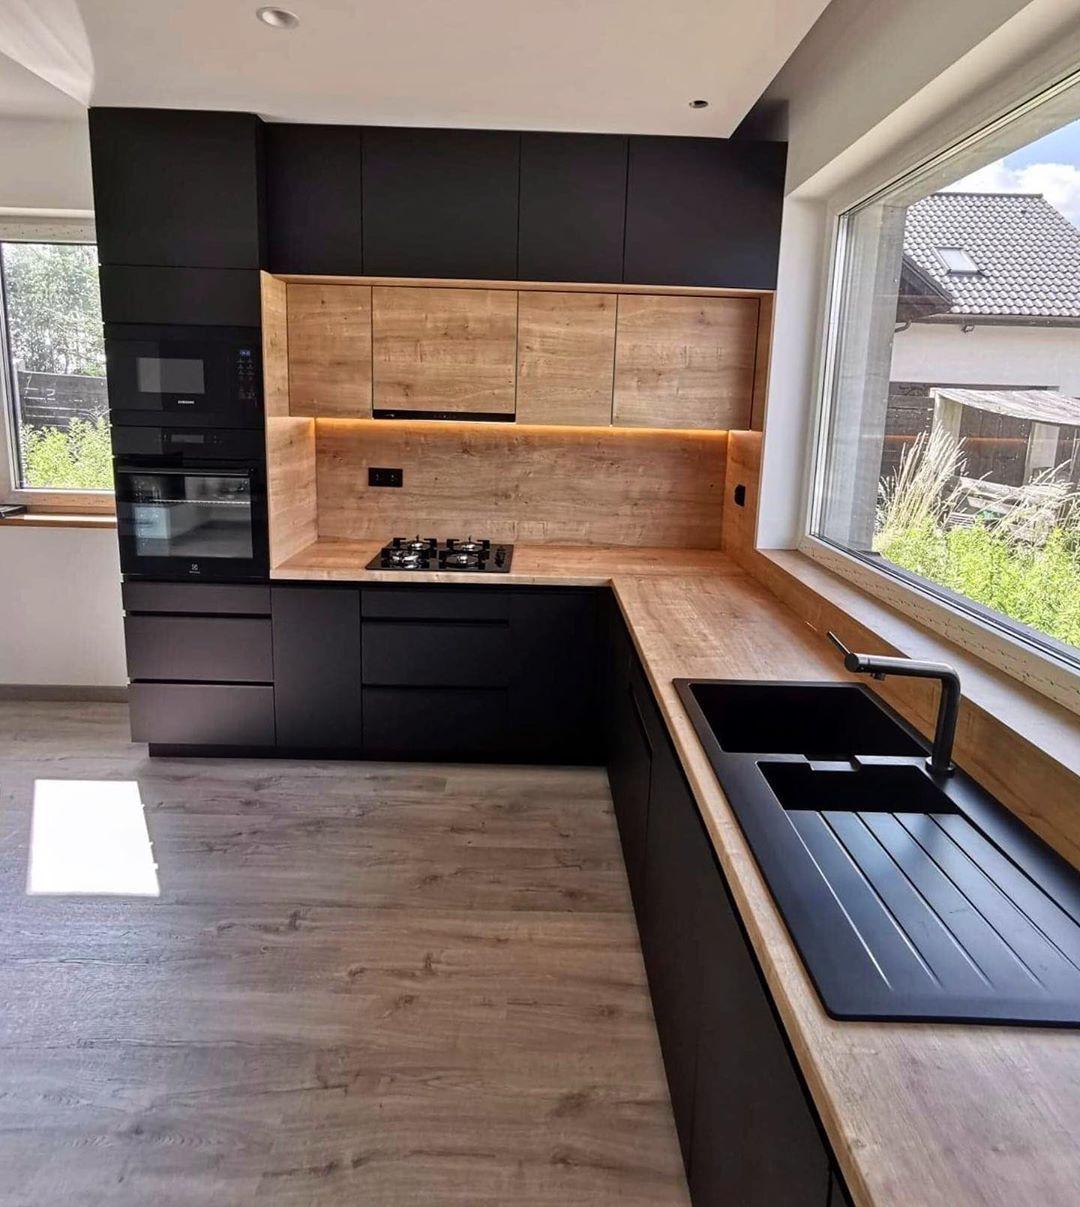 Obraz Moze Zawierac W Budynku Kitchen Furniture Design Kitchen Furniture Black Kitchens